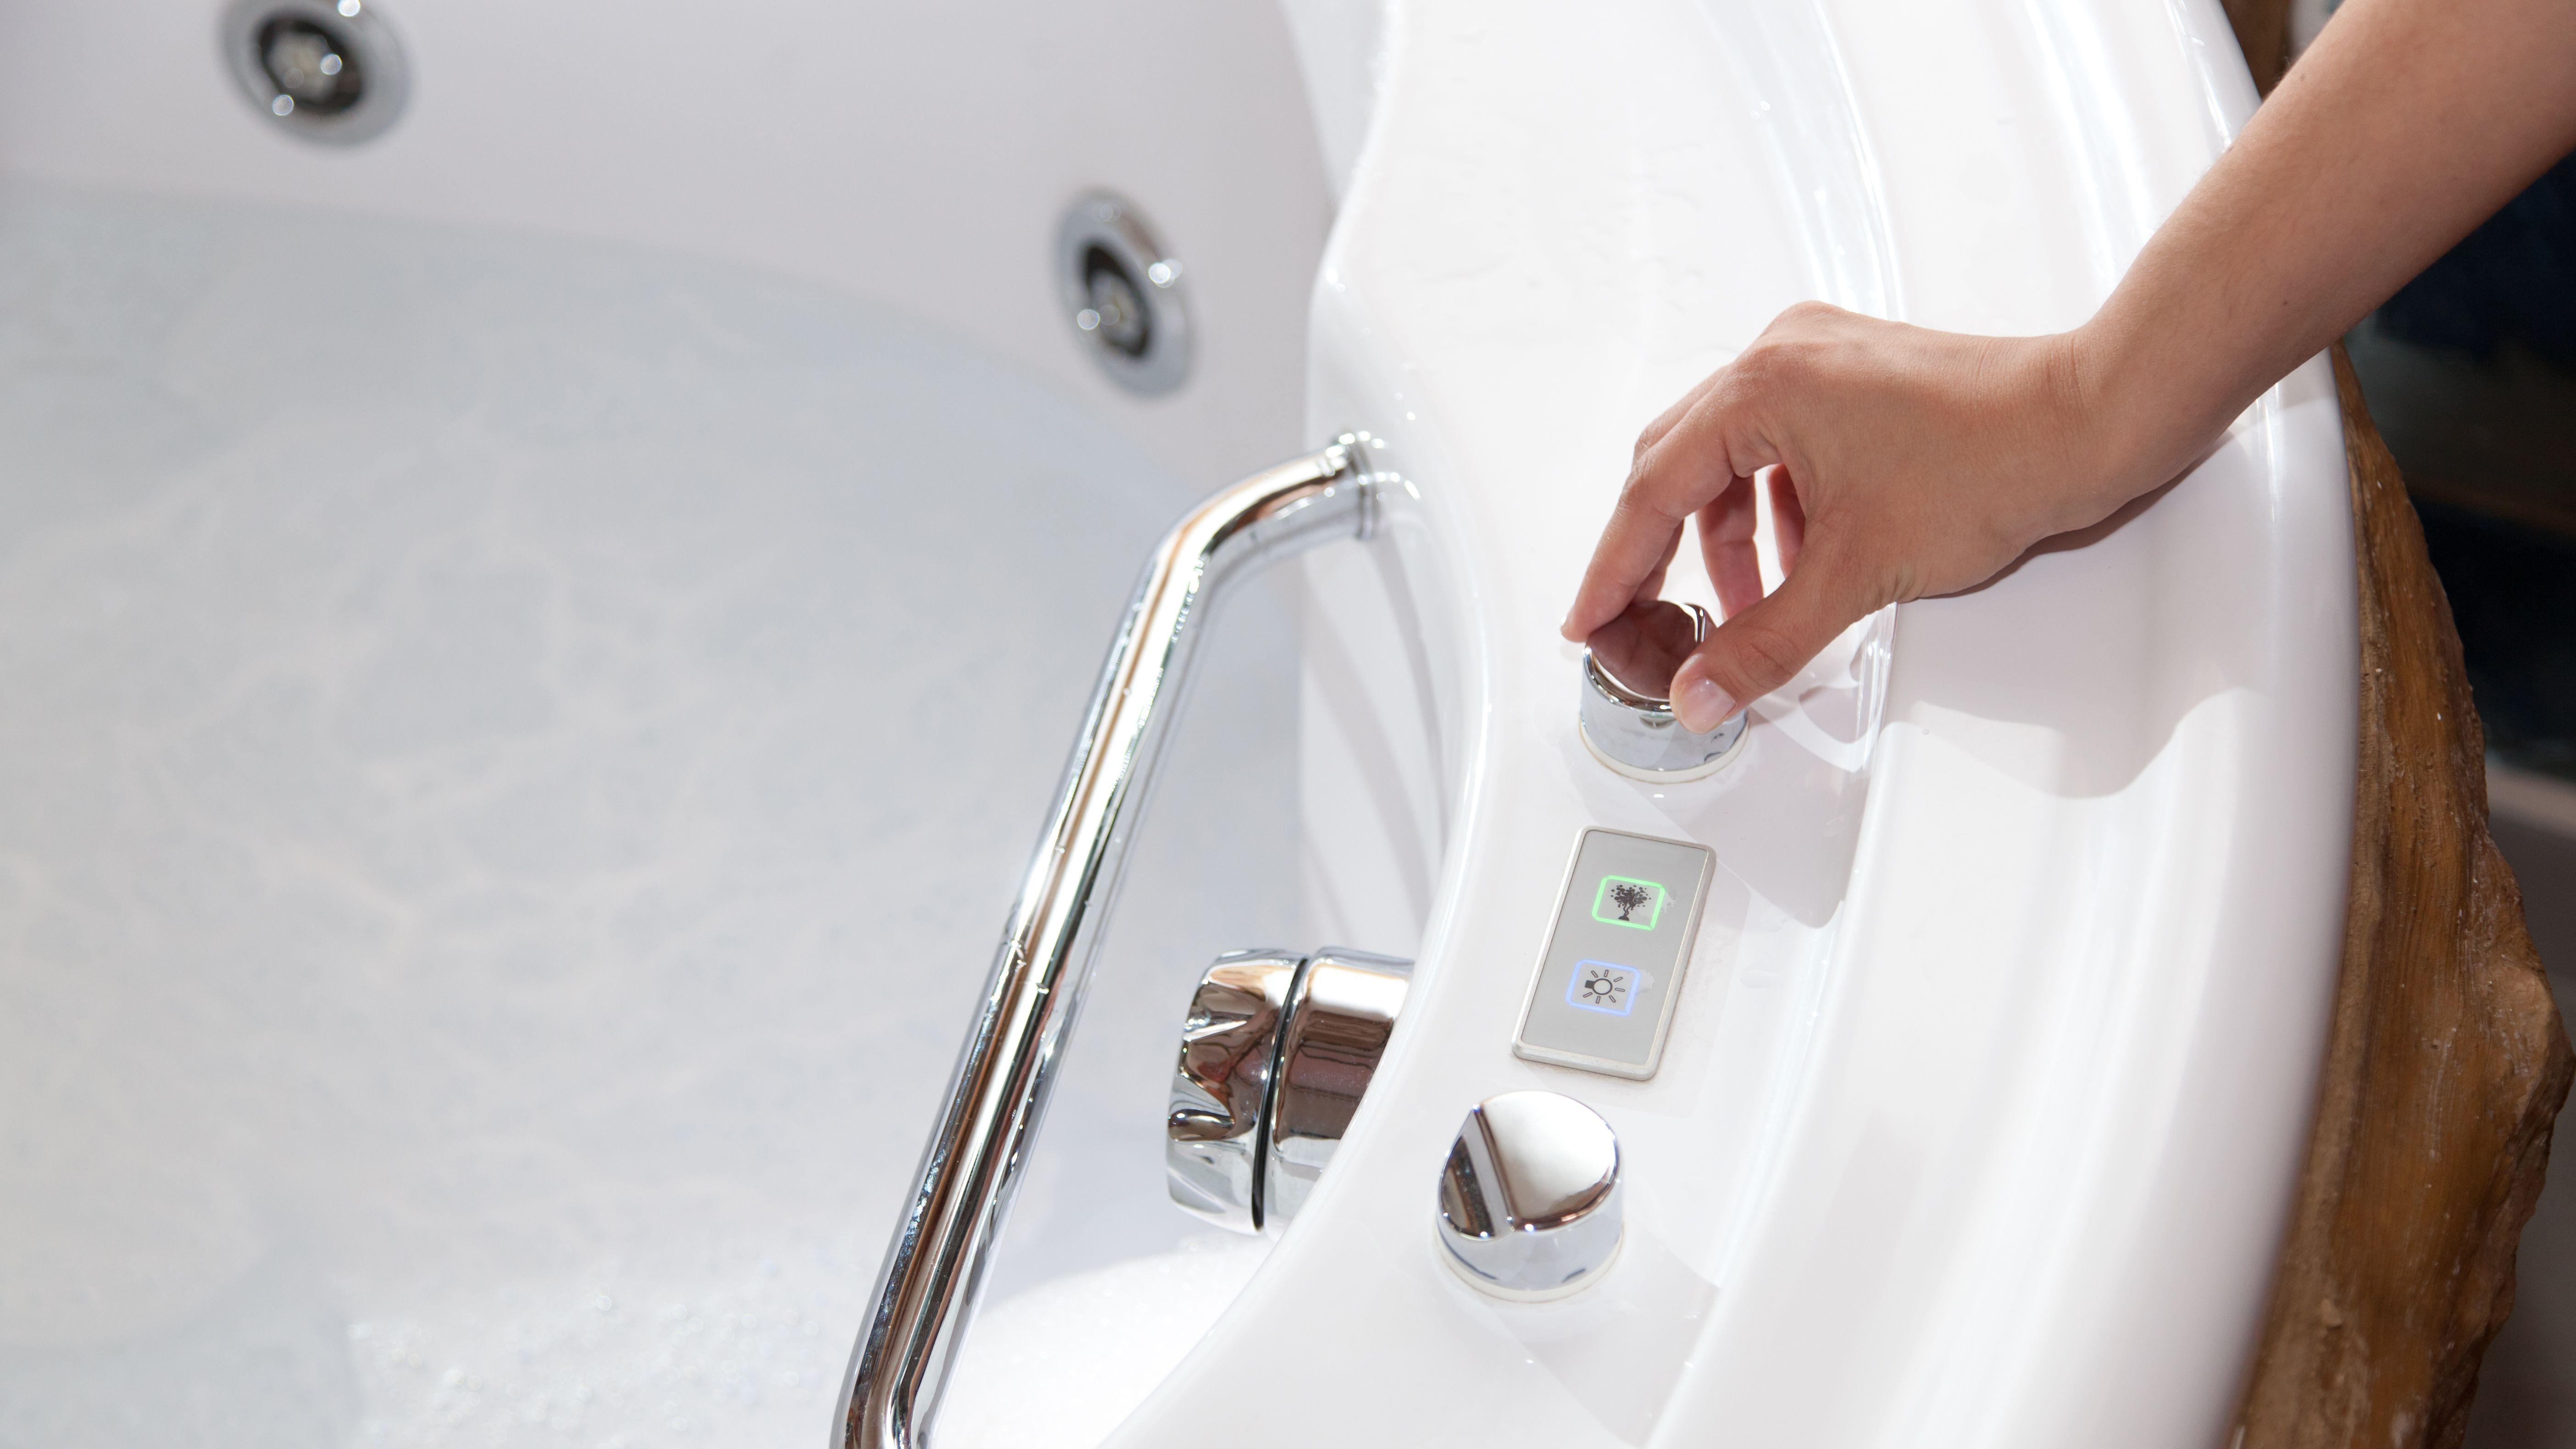 Vasca da bagno o vasca idromassaggio: scegliere tra bollicine e bagnoschiuma